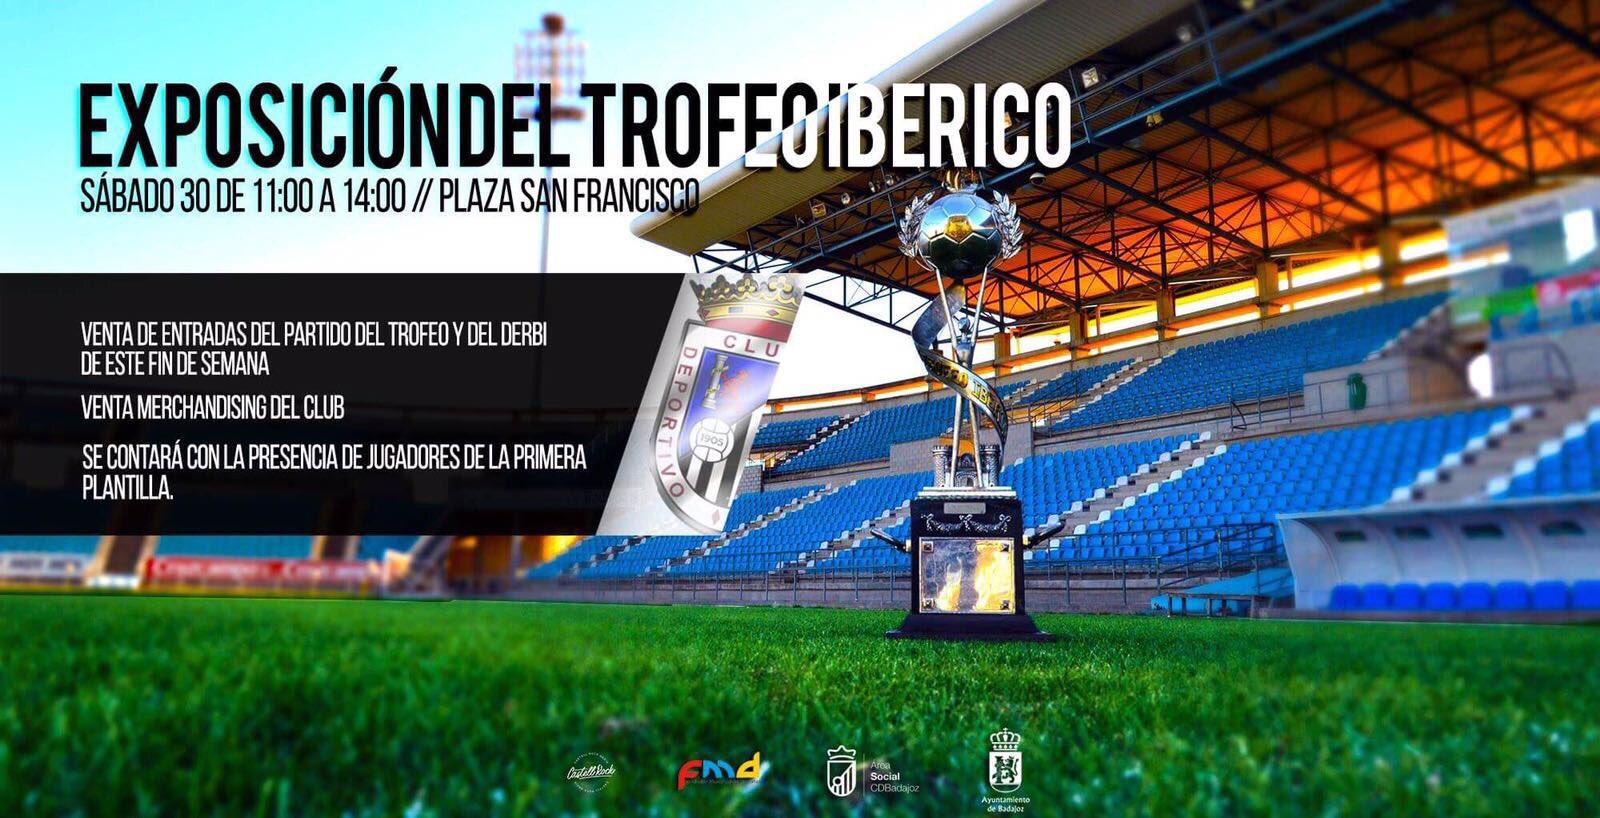 exposición, venta de entradas, visita de jugadores Trofeo Ibérico